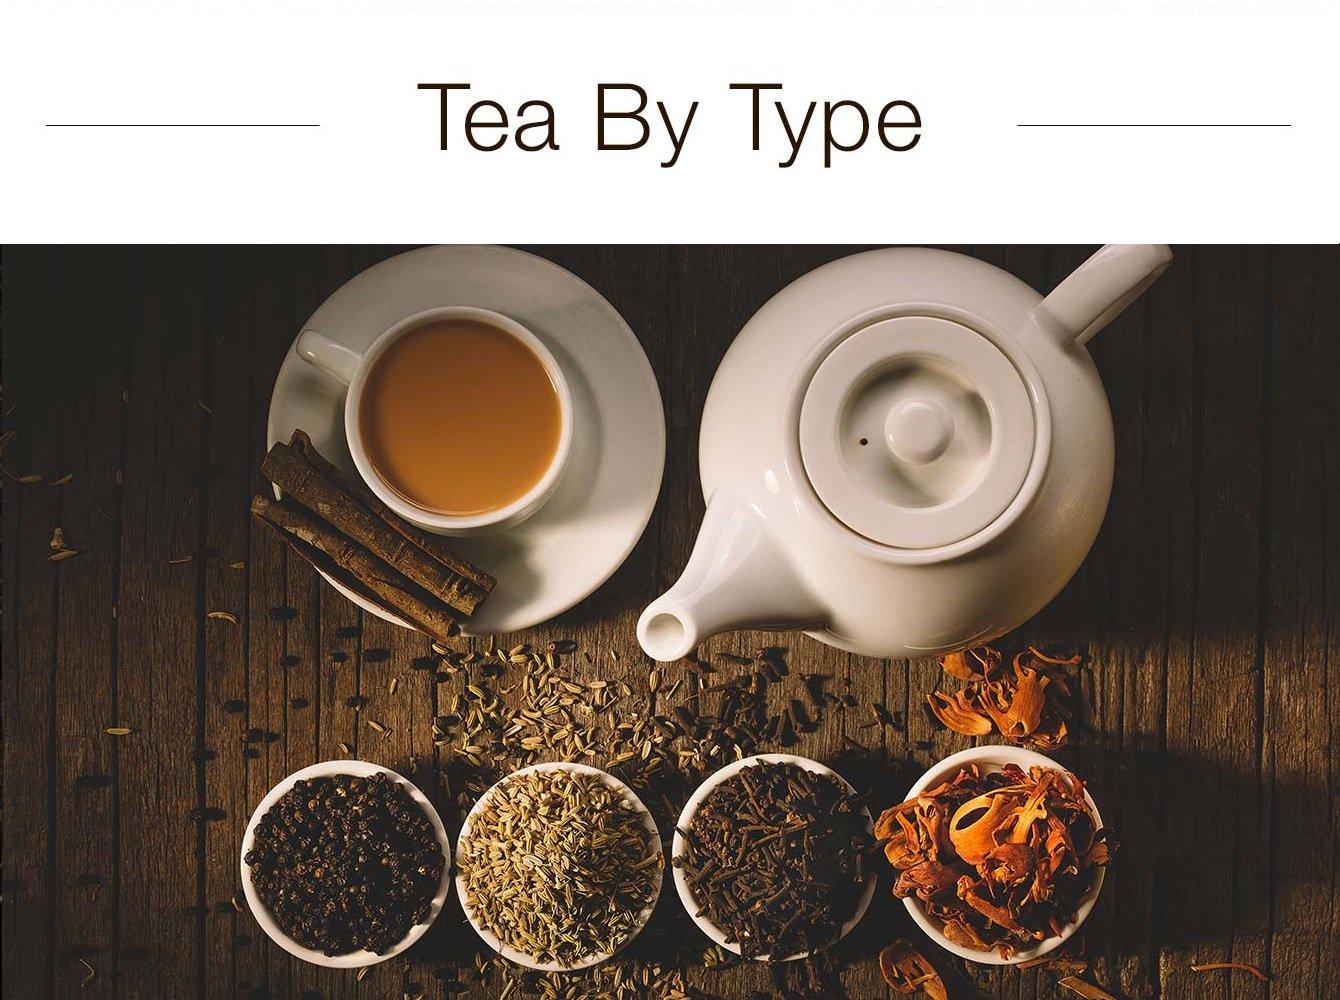 TeaByType